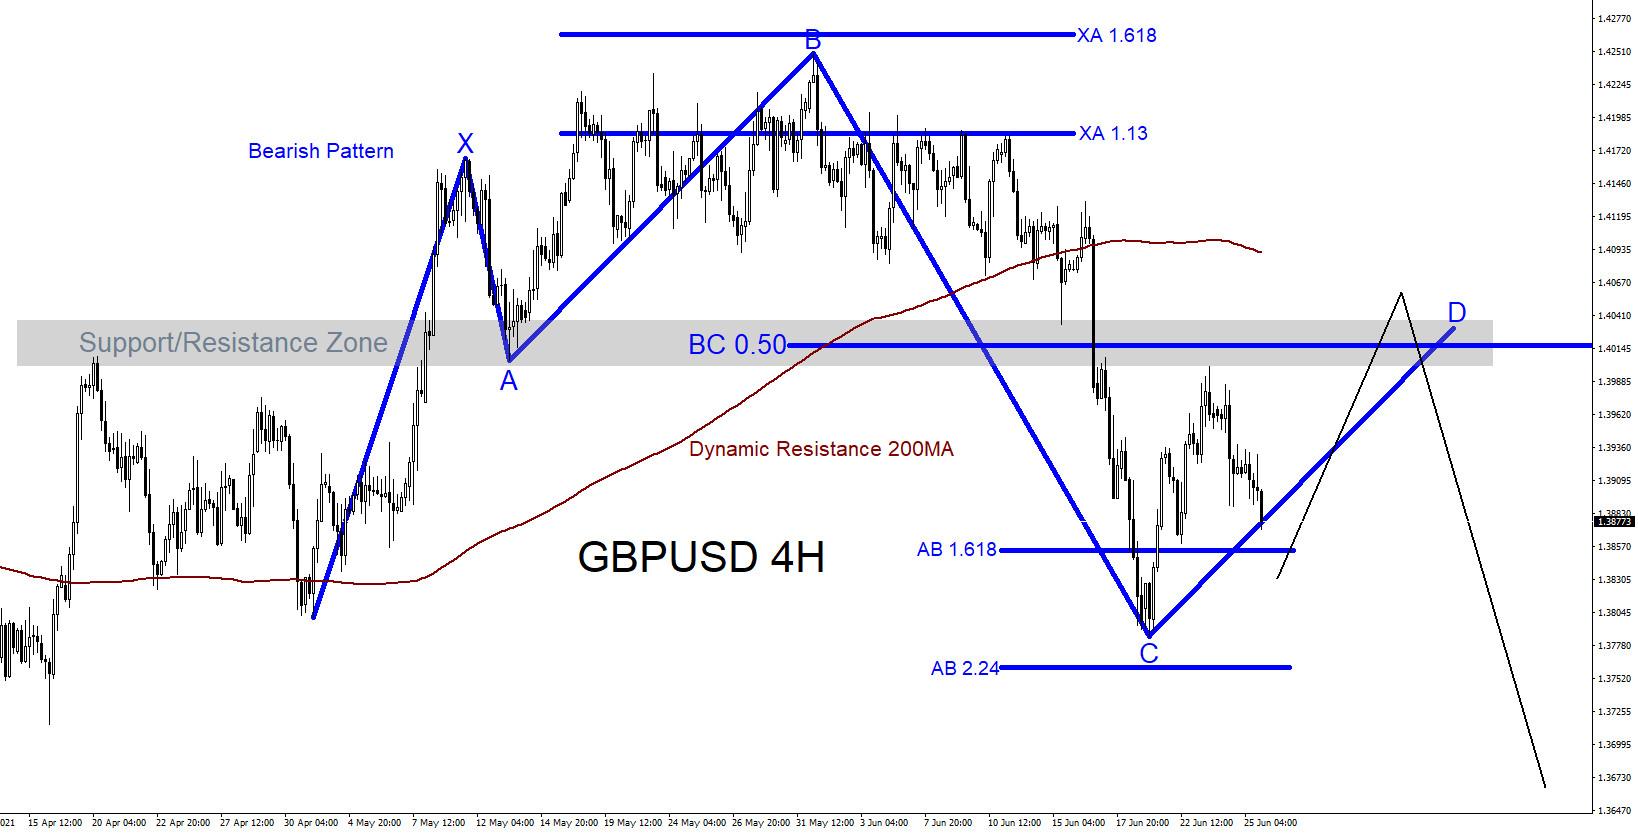 GBPUSD : Possible Bearish Pattern?